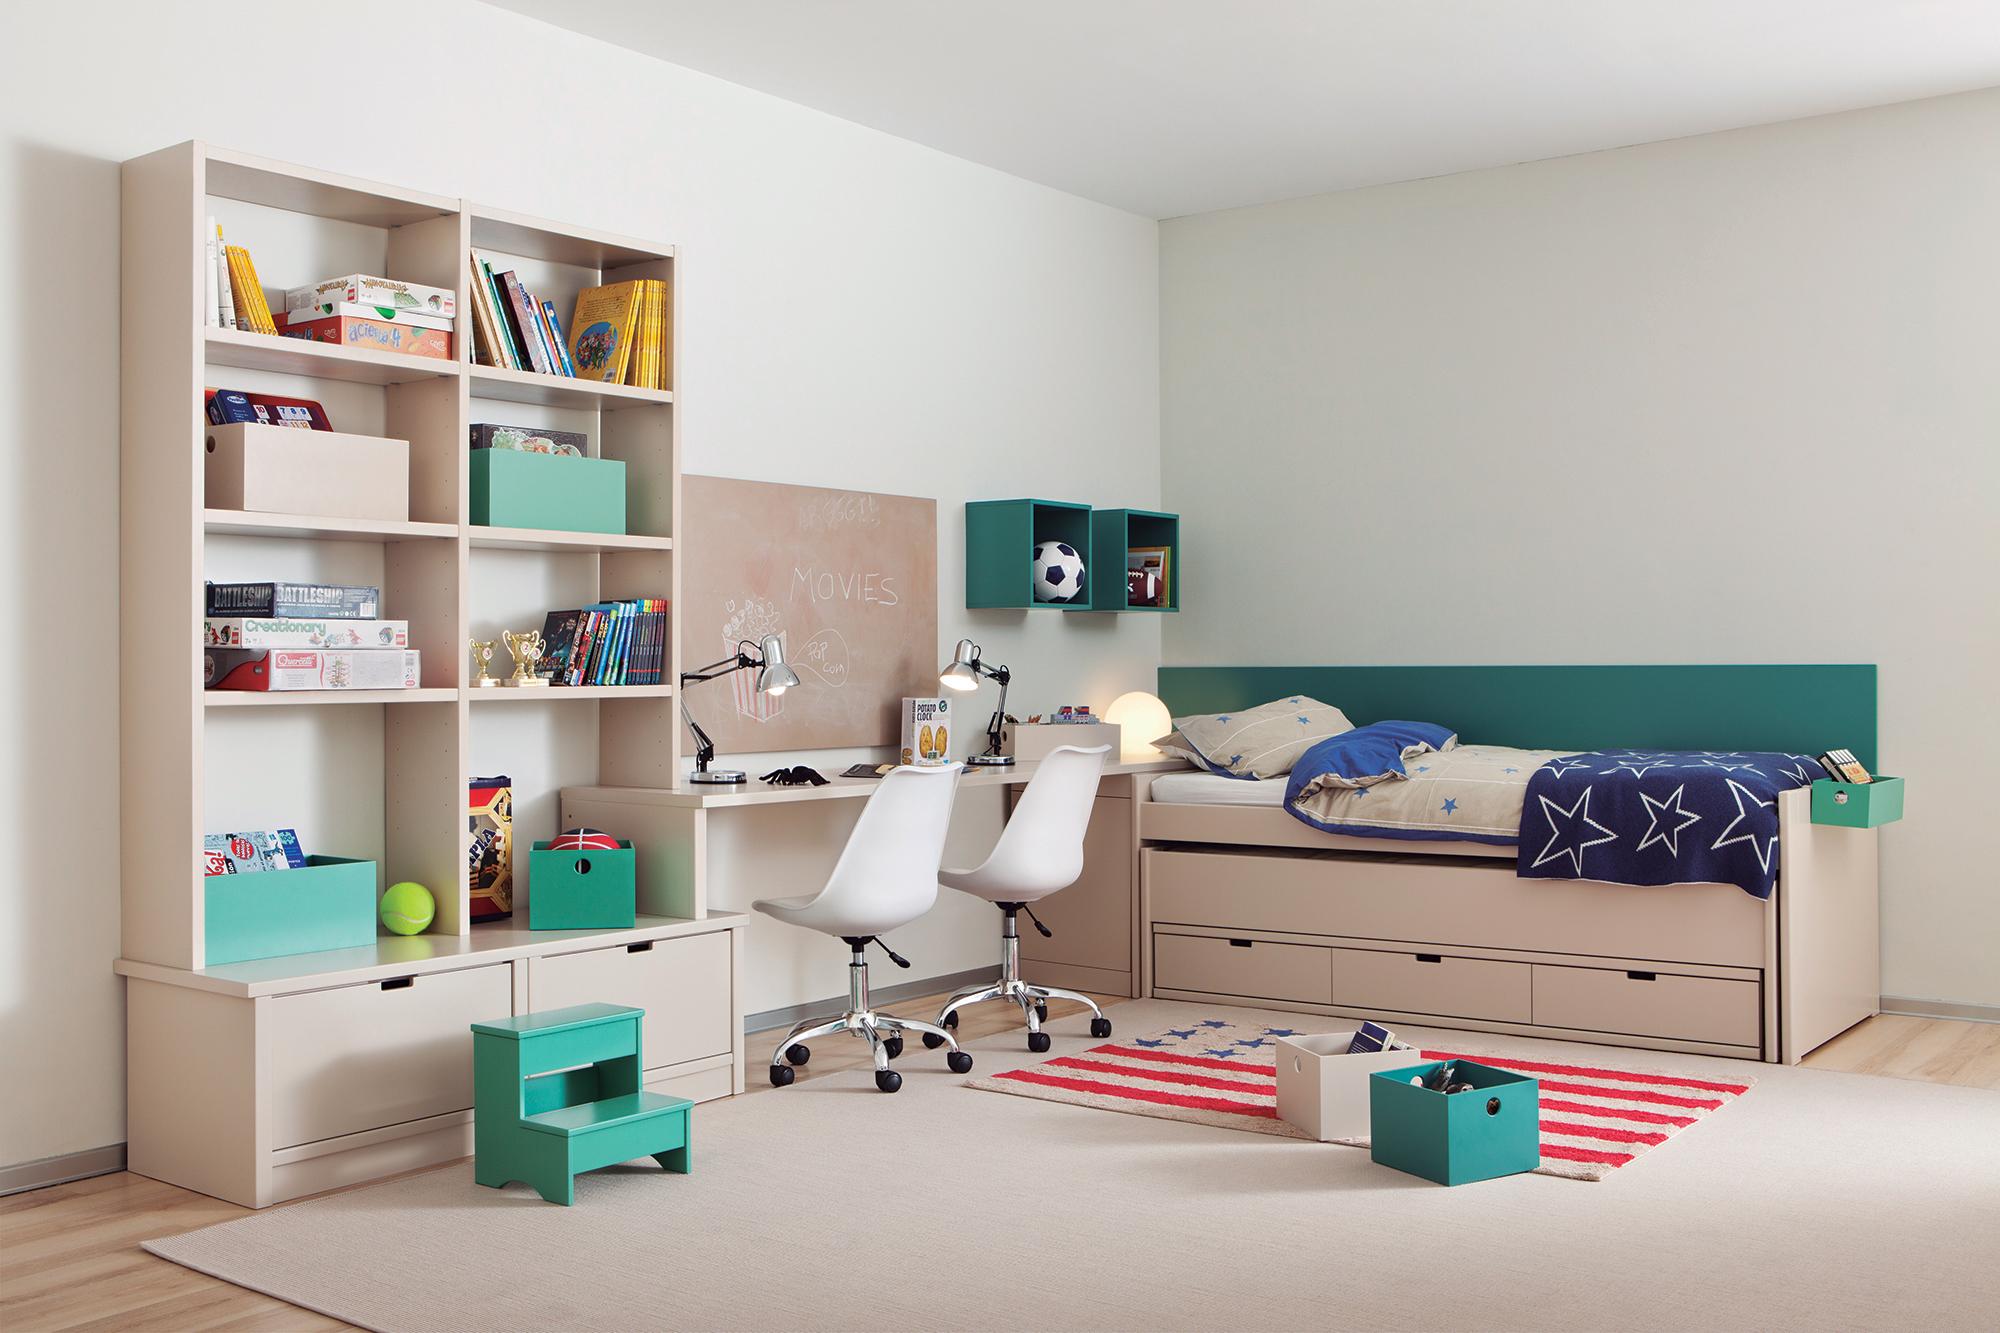 Эконом дизайн детской комнаты с мебелью